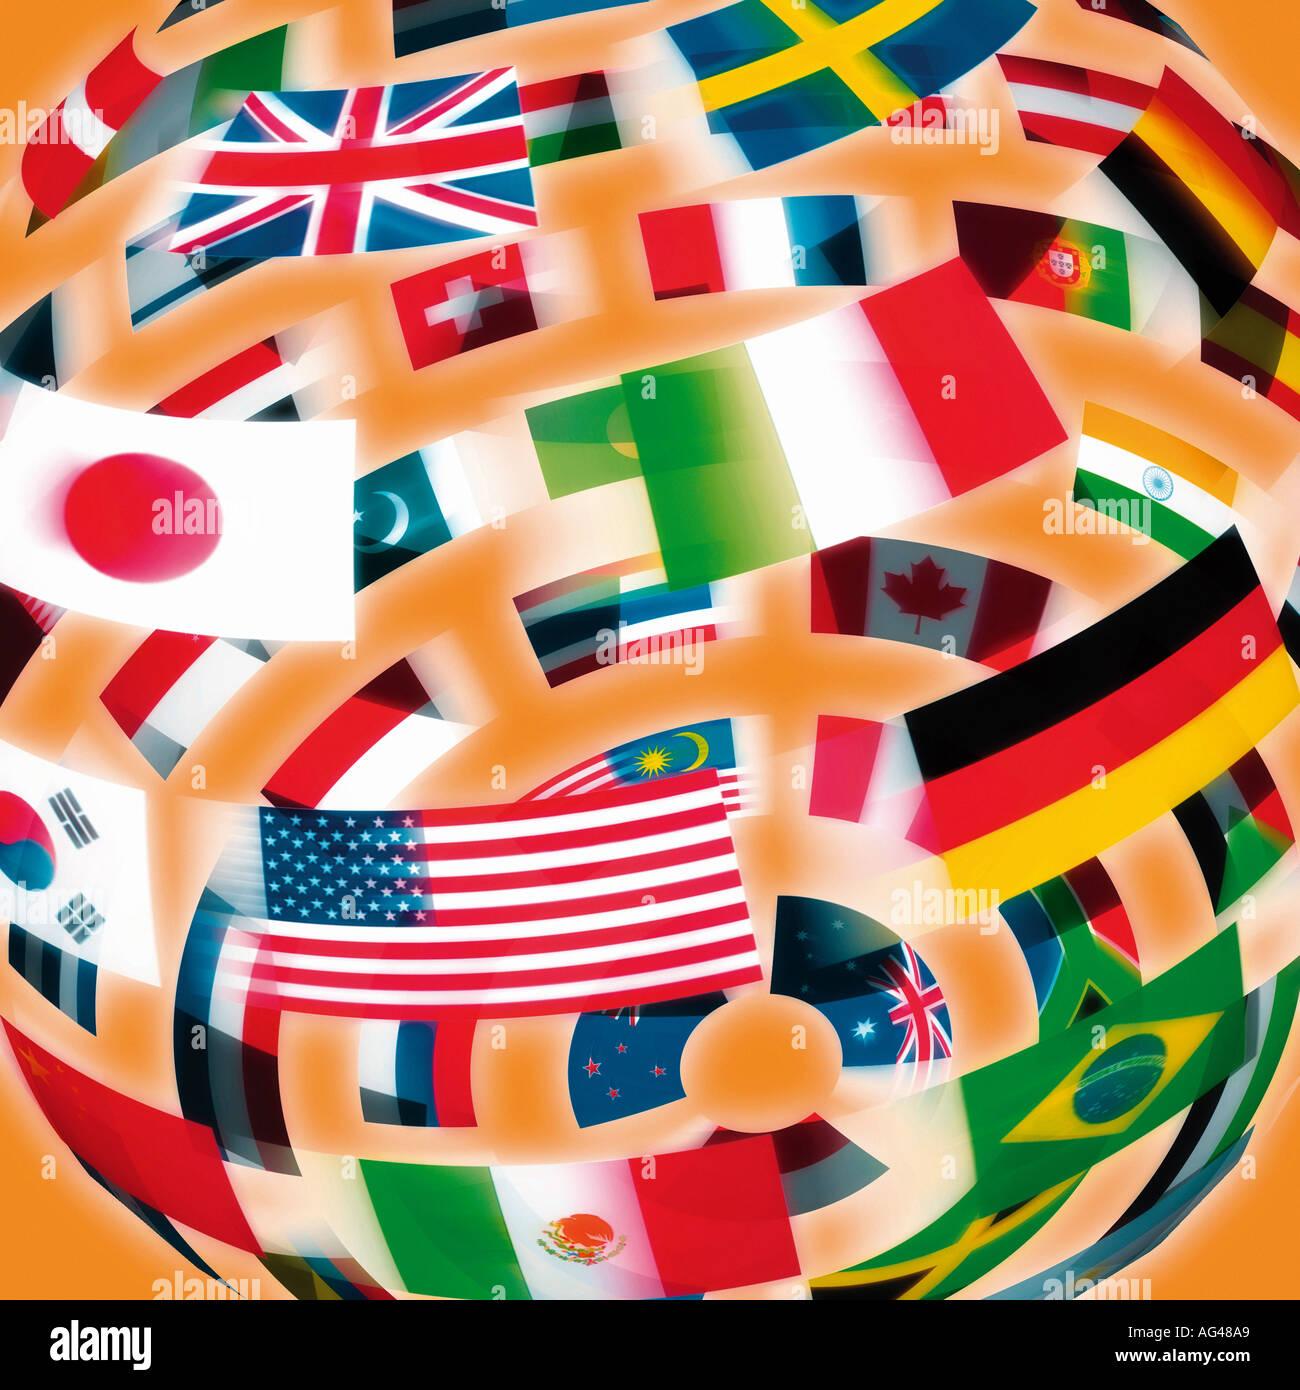 Drapeaux internationaux sous la forme d'un globe contre un fond orange. flag world. Photo Stock